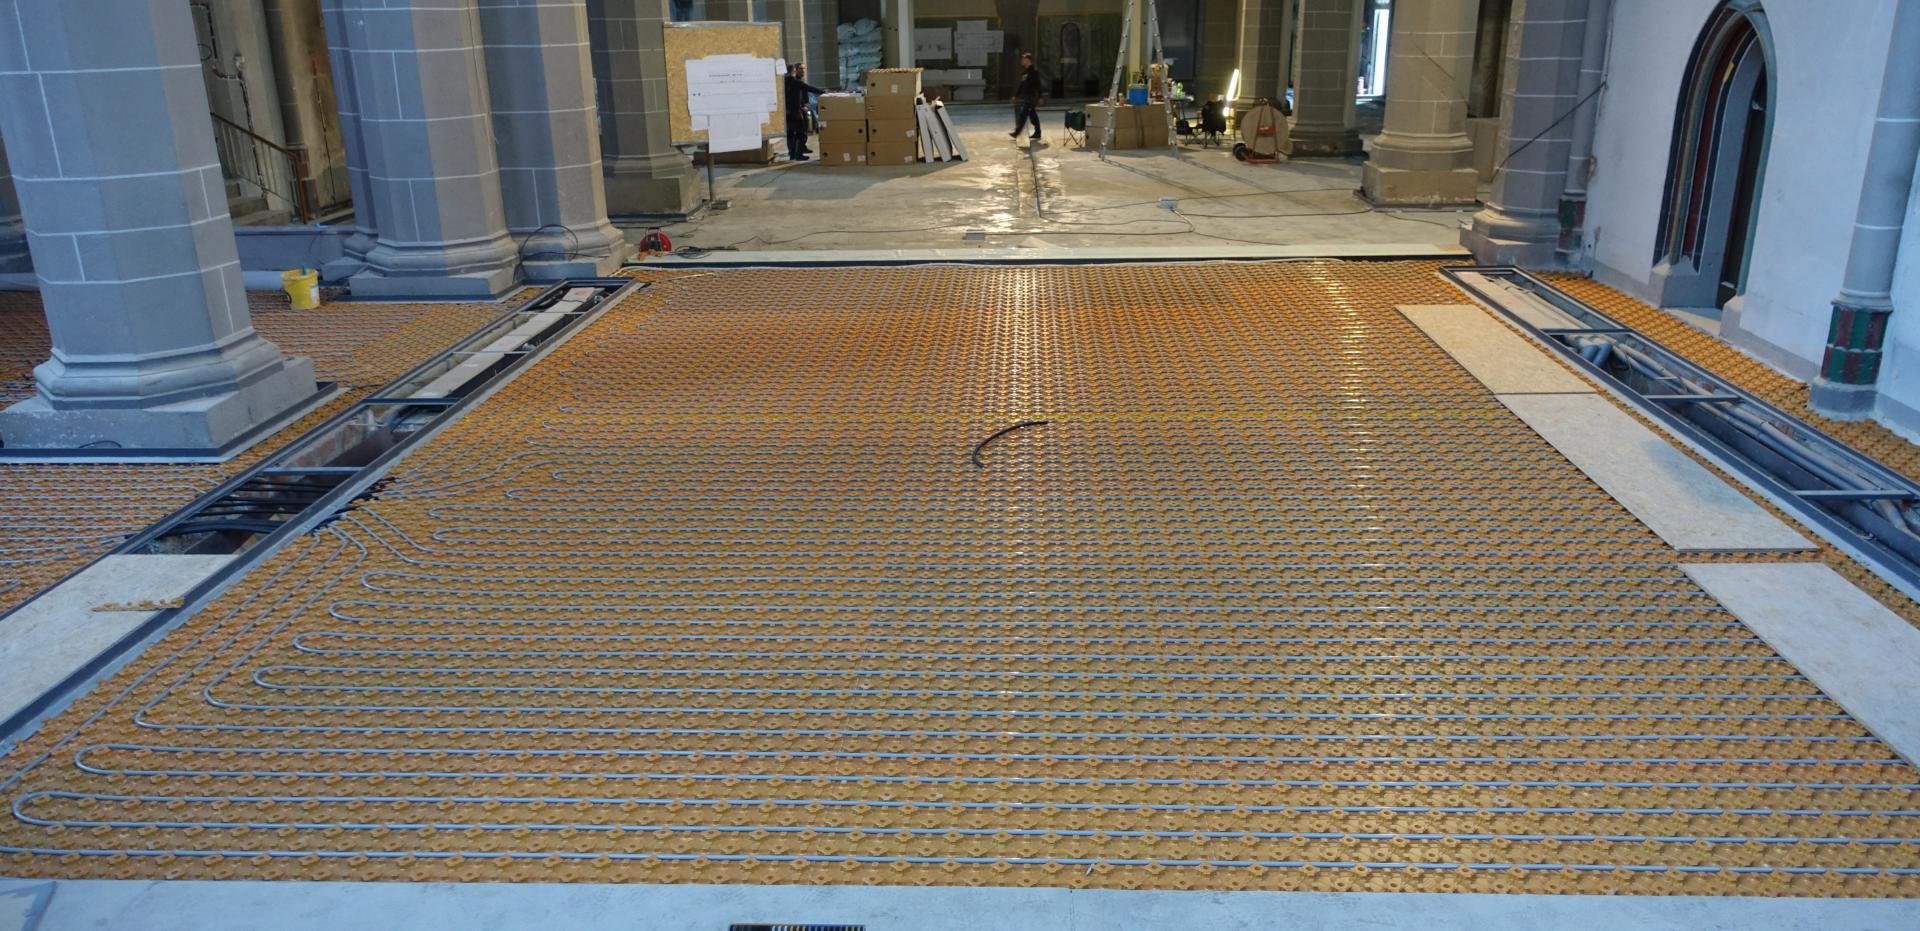 Bild 876 zeigt den Chorraum bereits mit den verlegten Flächenheizungsrohren